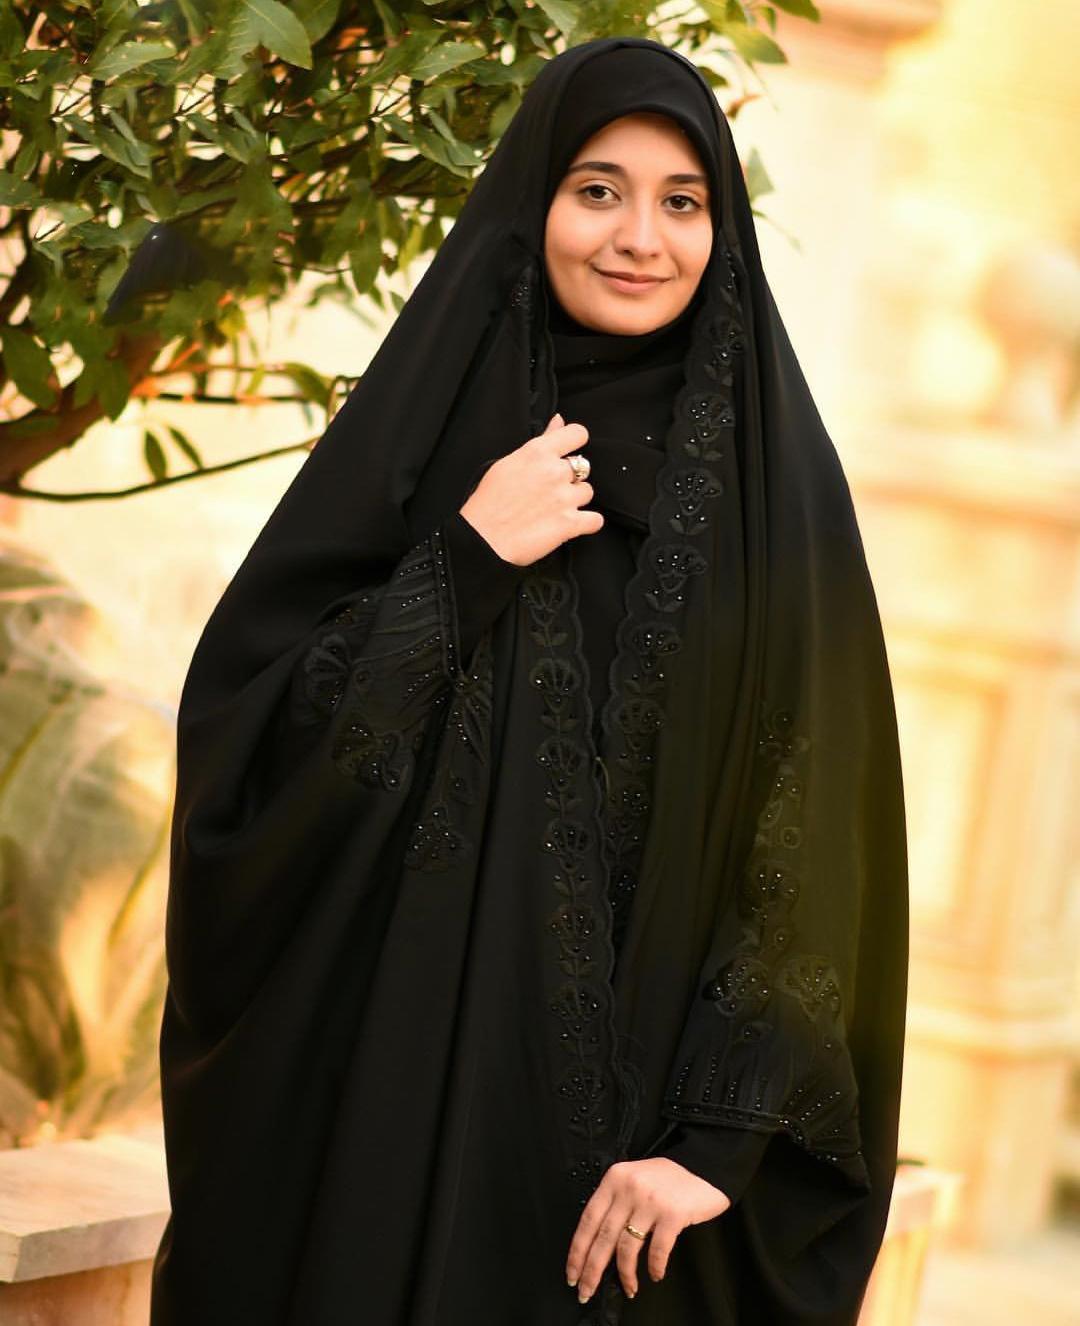 حجاب-زیبا-چادر-گیپوردوزی-شده